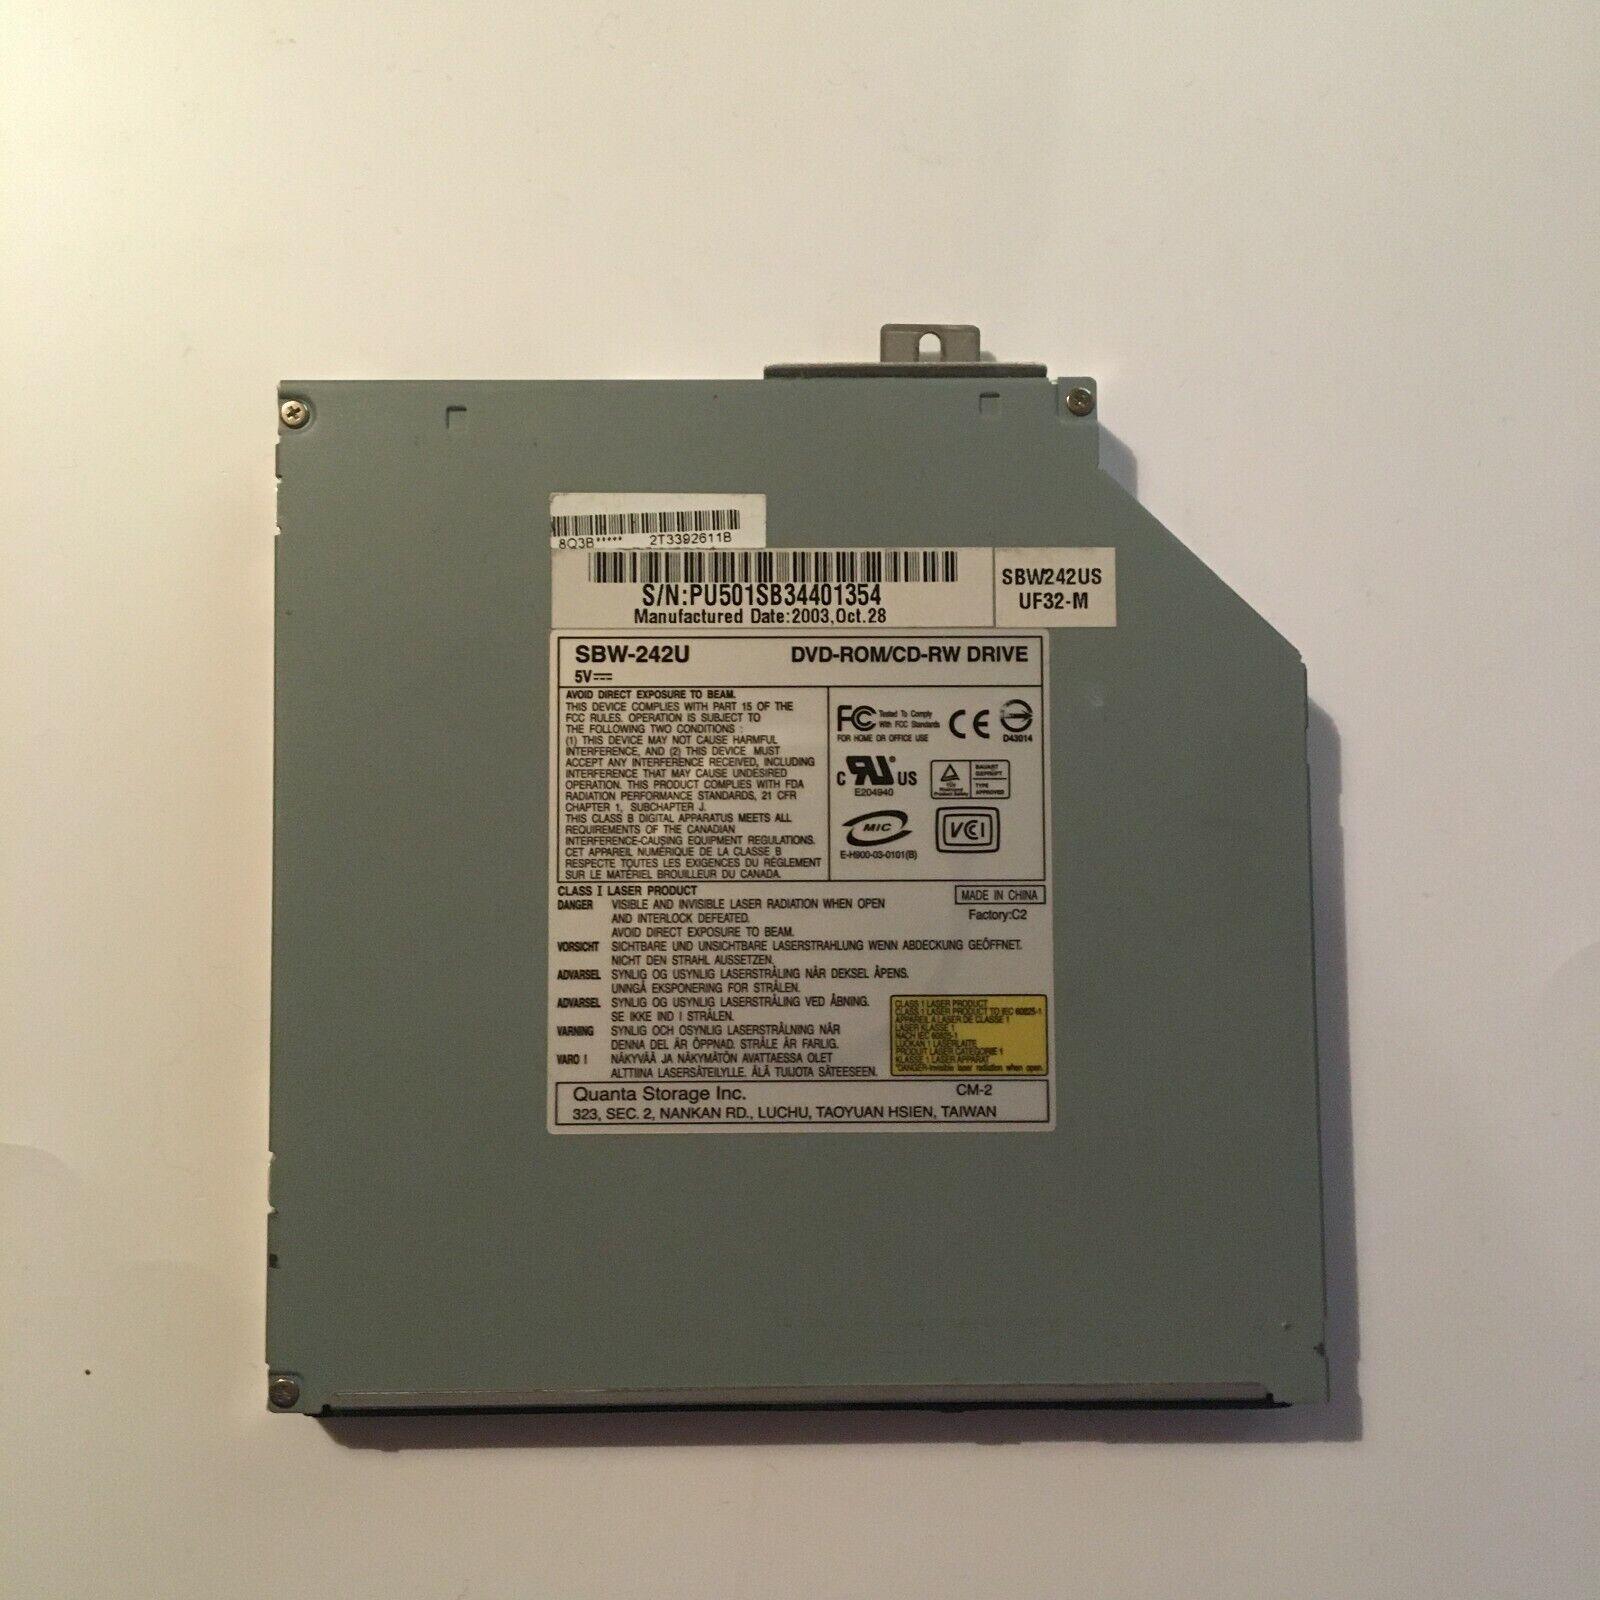 Graveur/lecteur cd et dvd ide interne sbw-242u pour pc portable